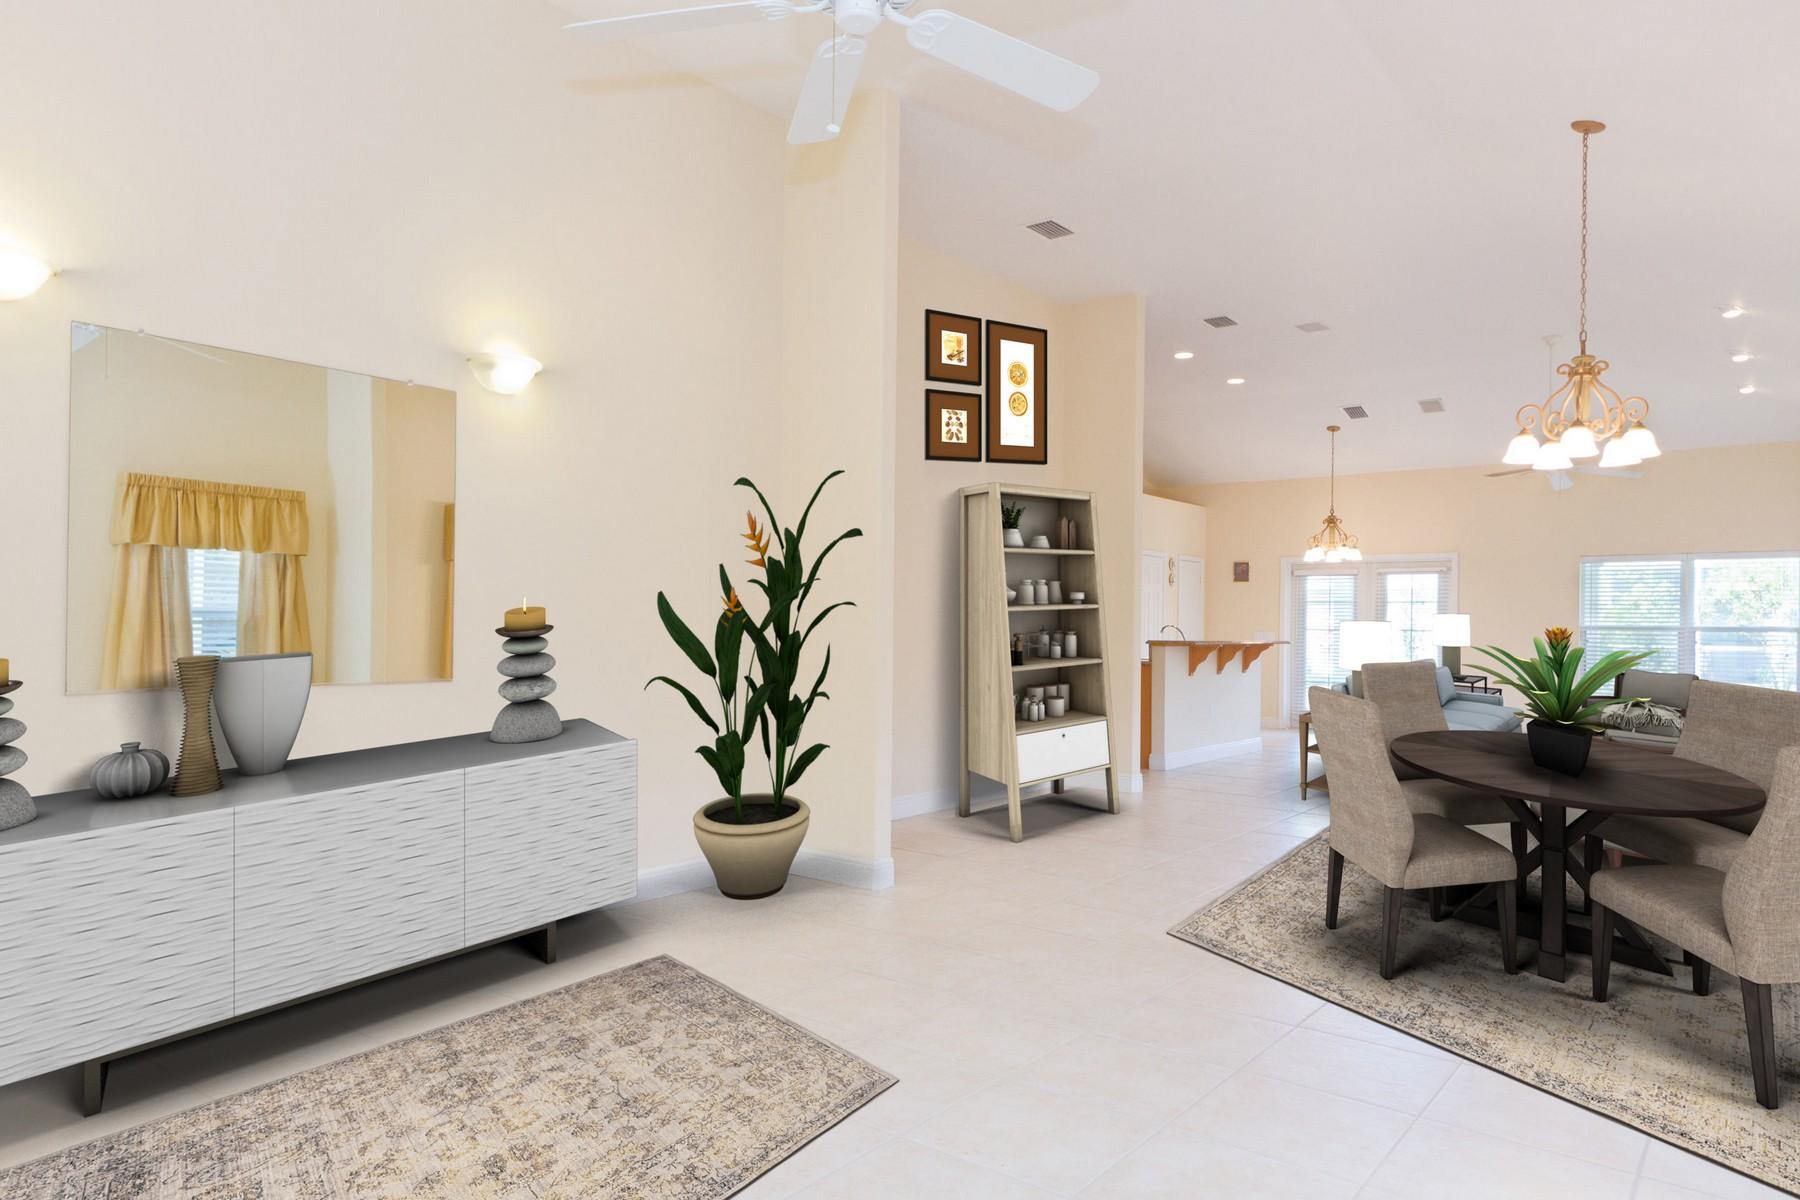 獨棟家庭住宅 為 出售 在 Inviting Home With Generous Room Sizes and Open Concept Floorplan! 771 Brookedge Terrace Sebastian, 佛羅里達州 32958 美國